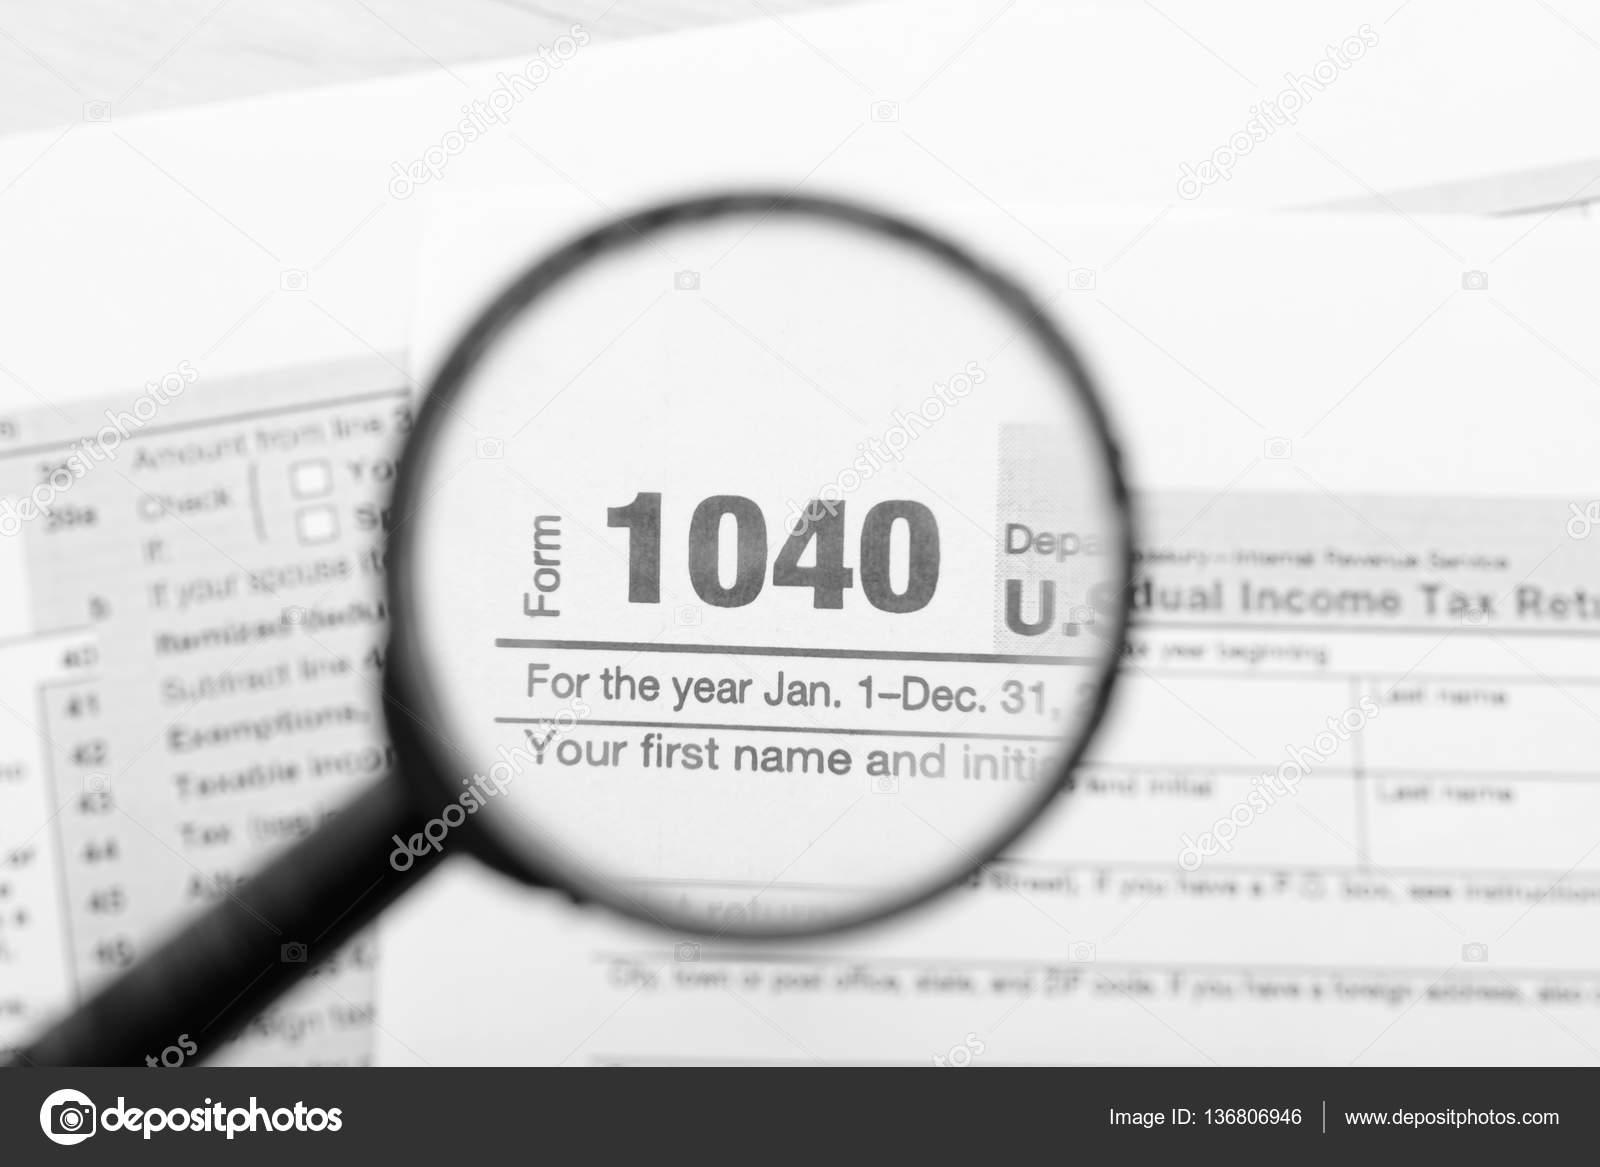 Imagenes Declaraciones De Impuestos Declaraciones De Impuestos A